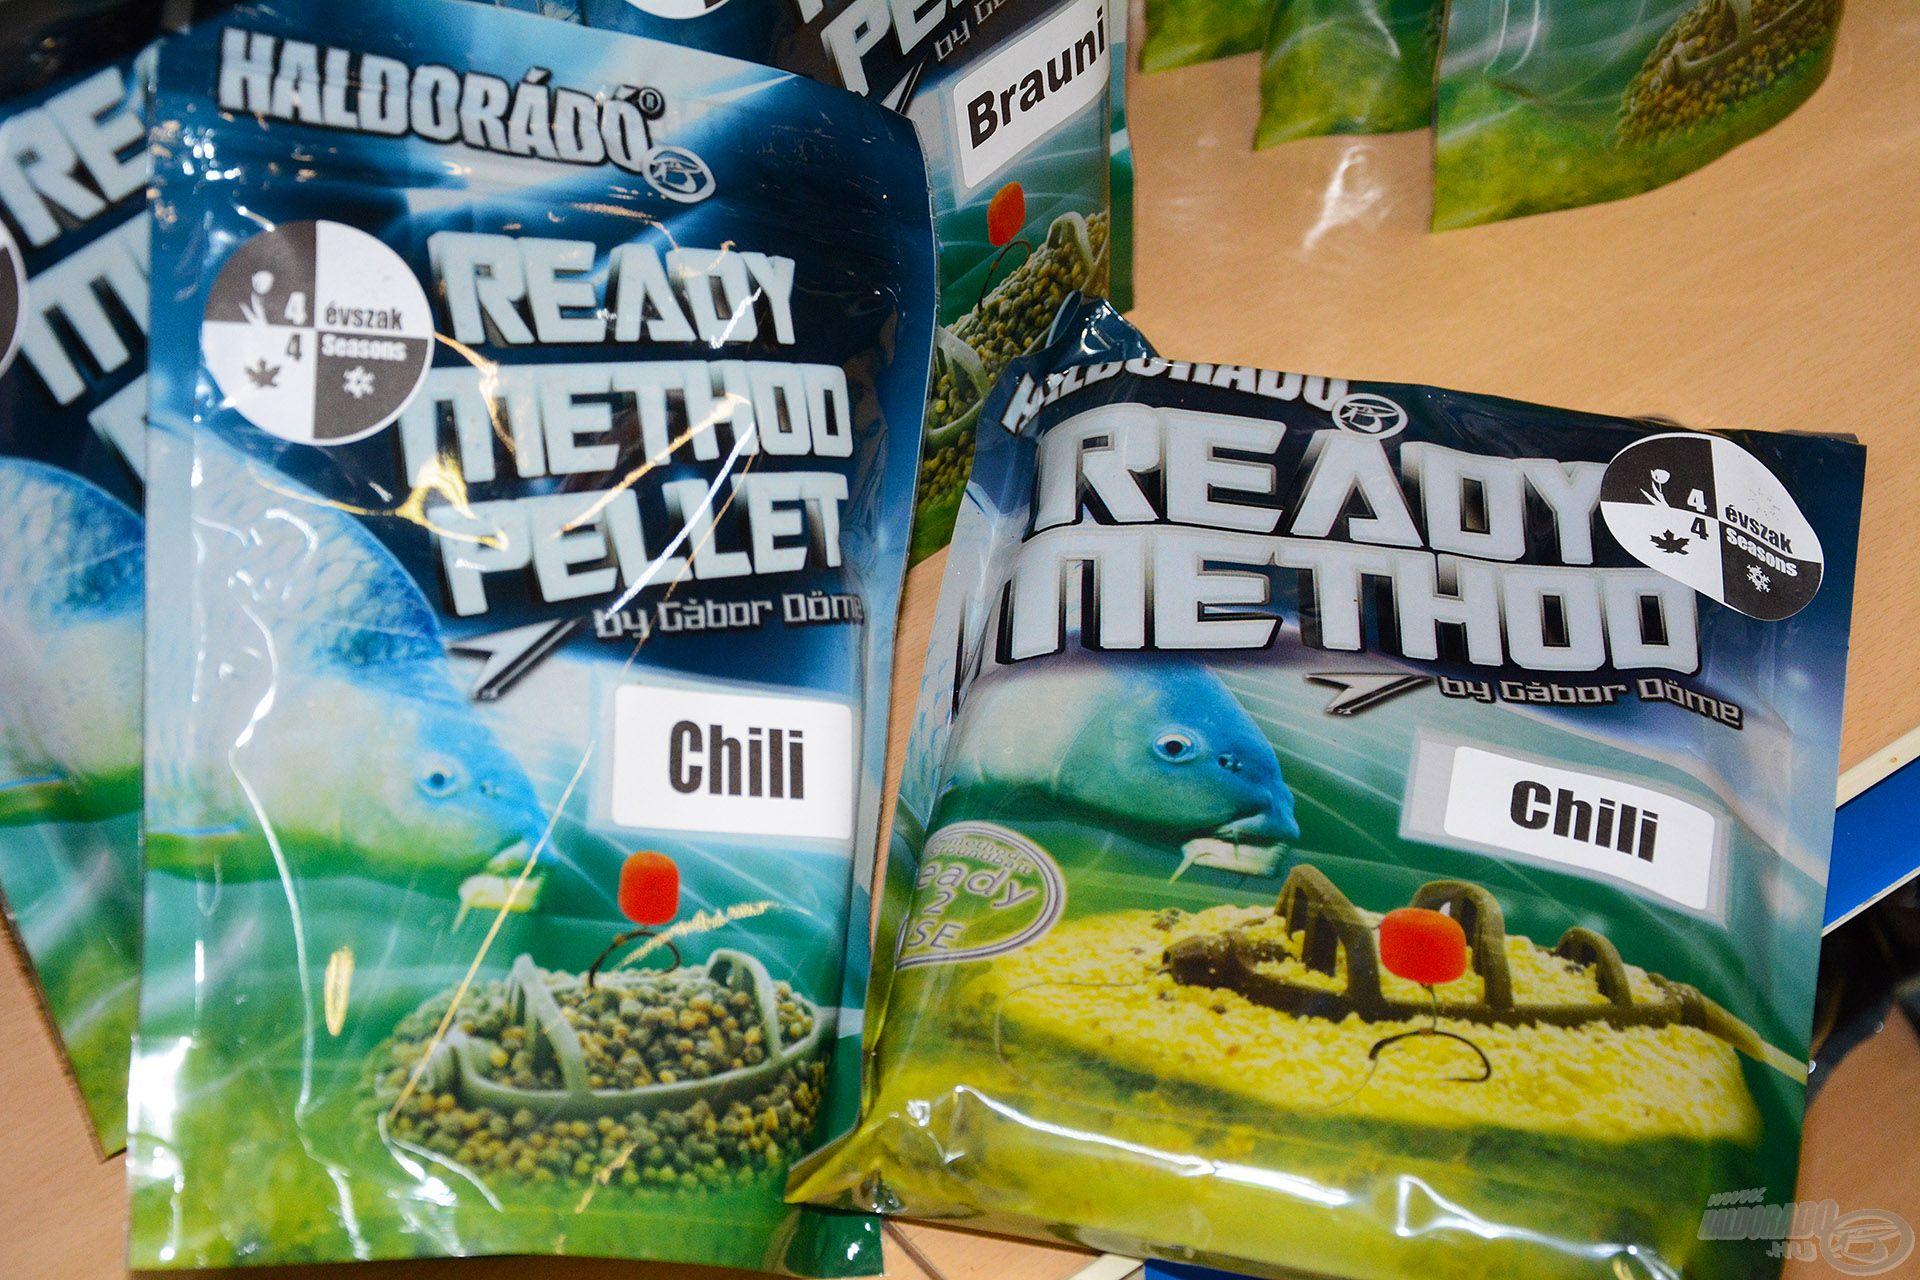 Sok horgász választotta a Ready Method etetőanyagot és Ready Method Pelletet az év első horgászatához, közülük is kiemelkedően népszerű volt a Chili ízváltozat